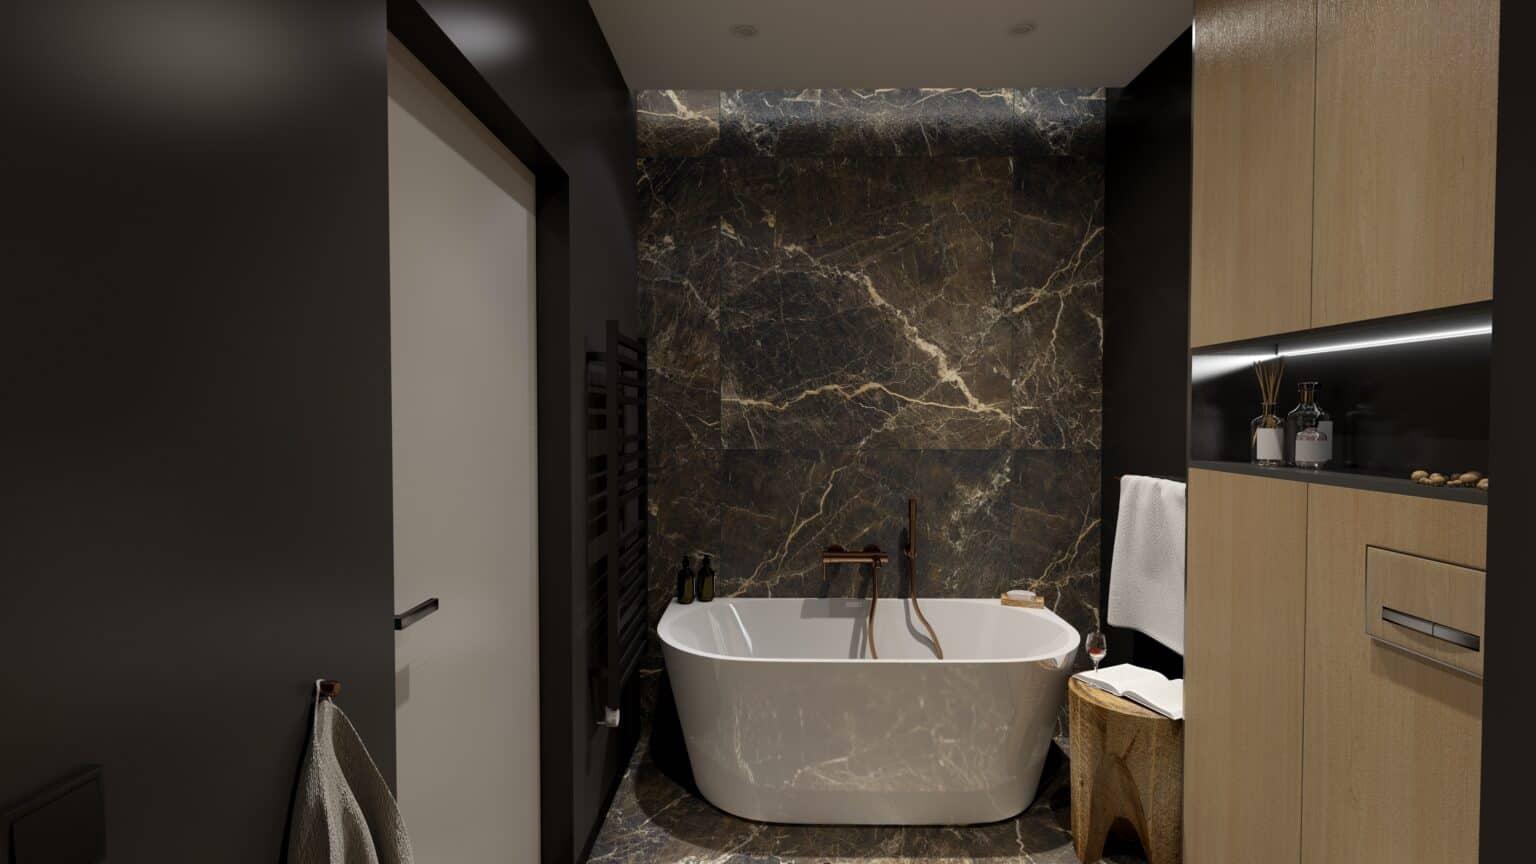 projekt wnętrza / projekt ciemnej łazienki